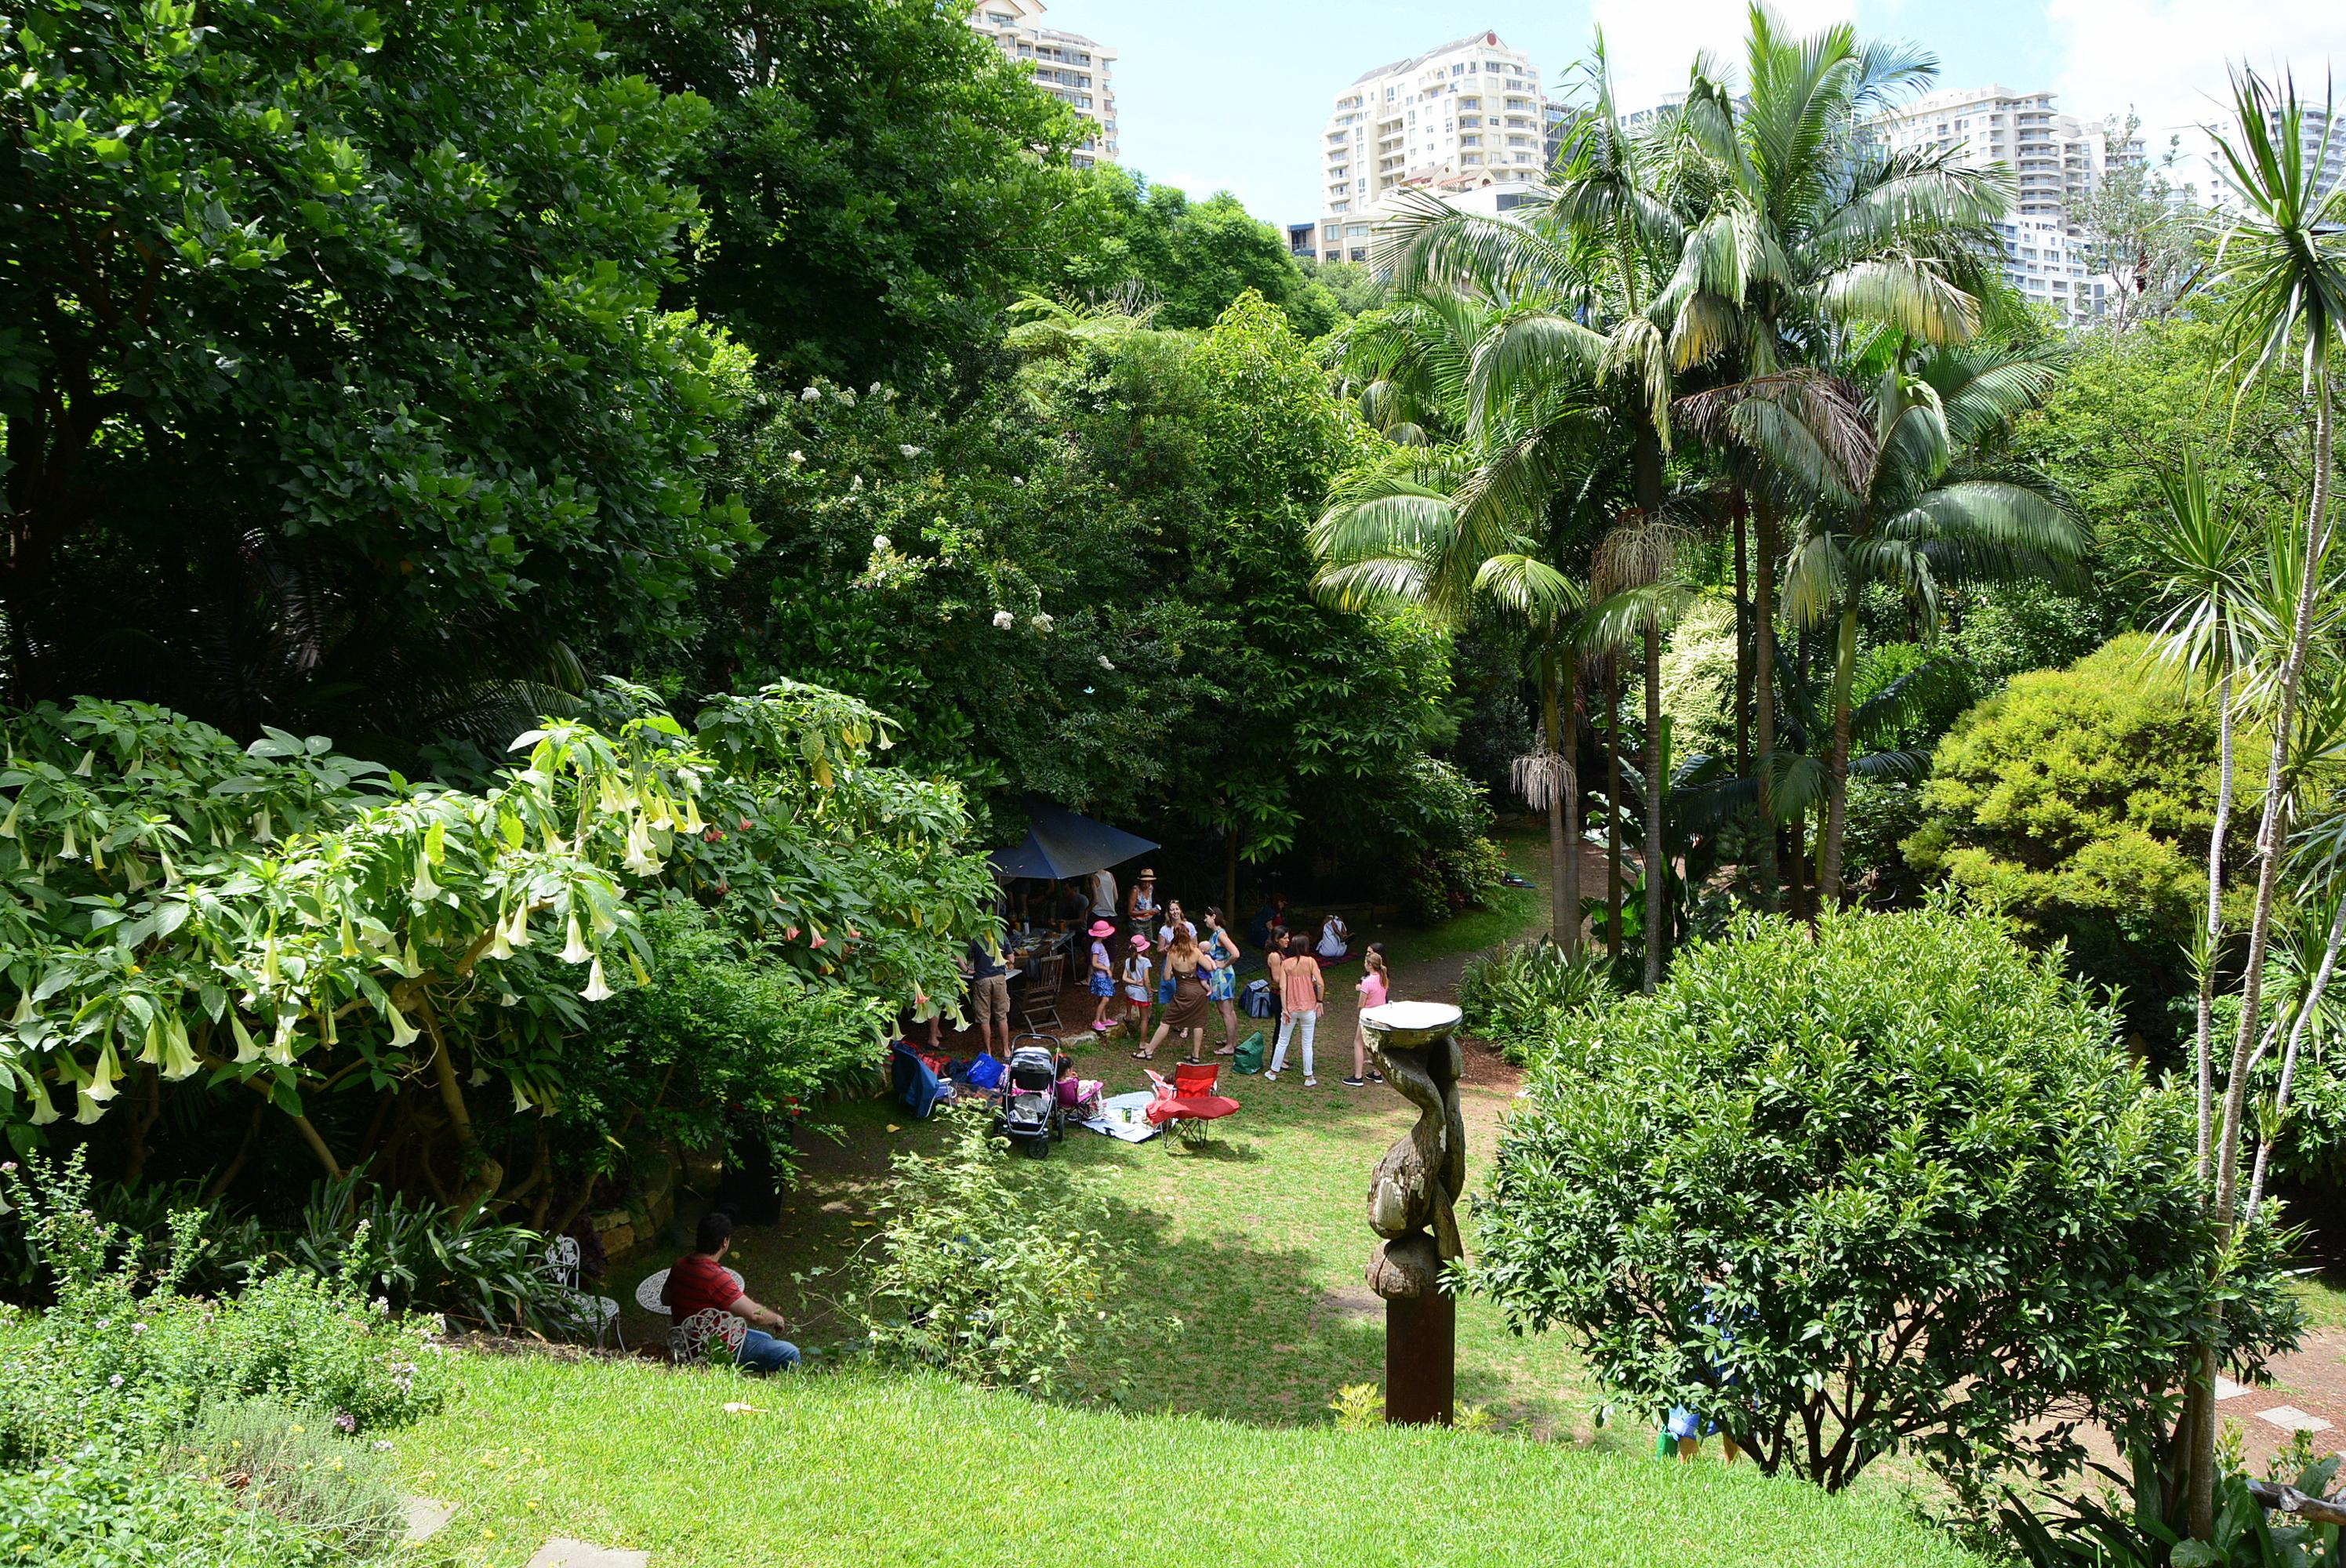 Wendy's Secret Garden - 16 điểm dã ngoại tuyệt nhất xung quanh Sydney